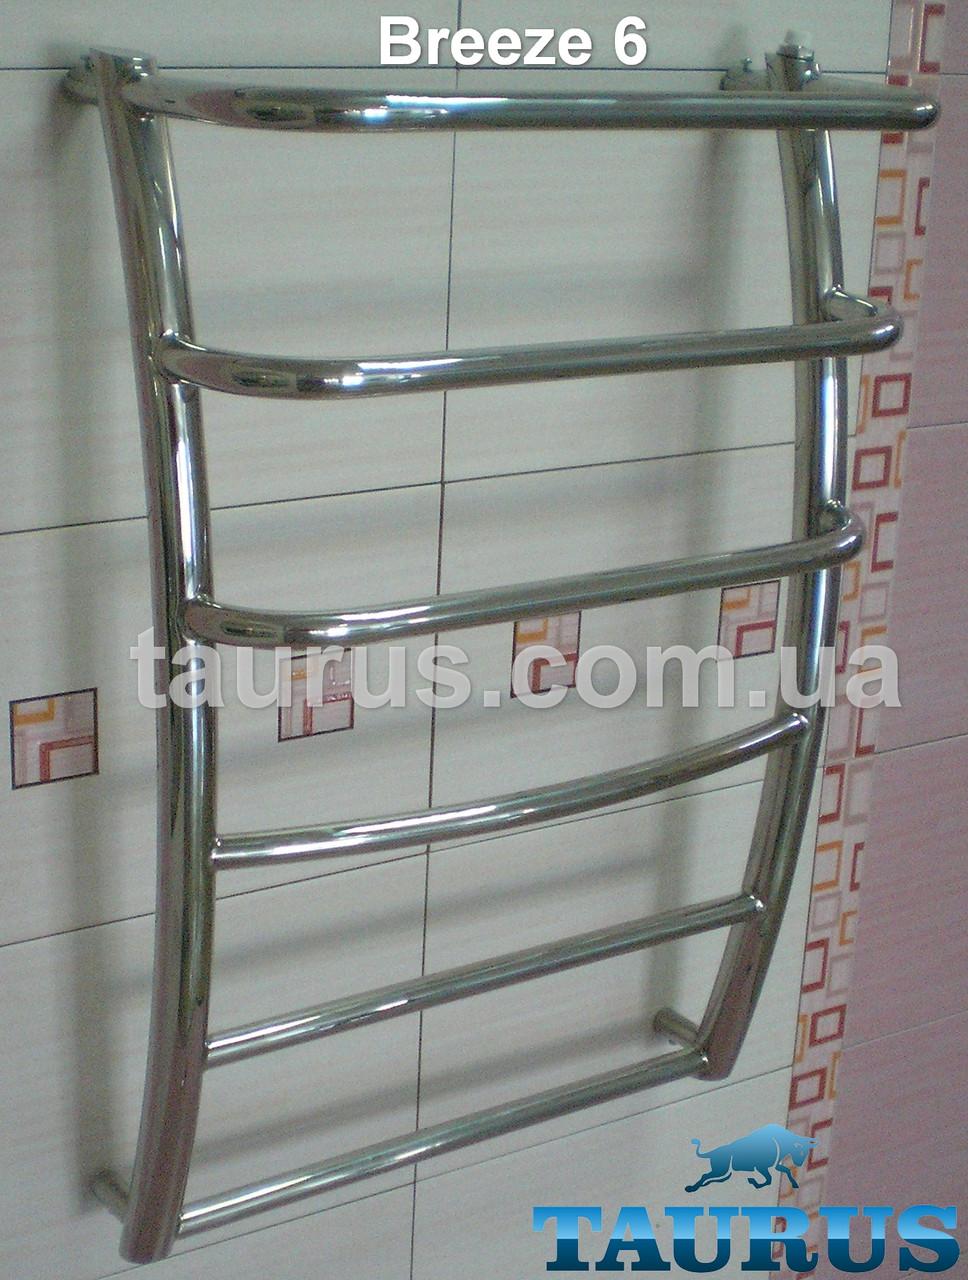 Нержавеющий водяной полотенцесушитель лесенка: Breeze 6-2 / Ширина 500 мм. Высота: 650мм с полочкой